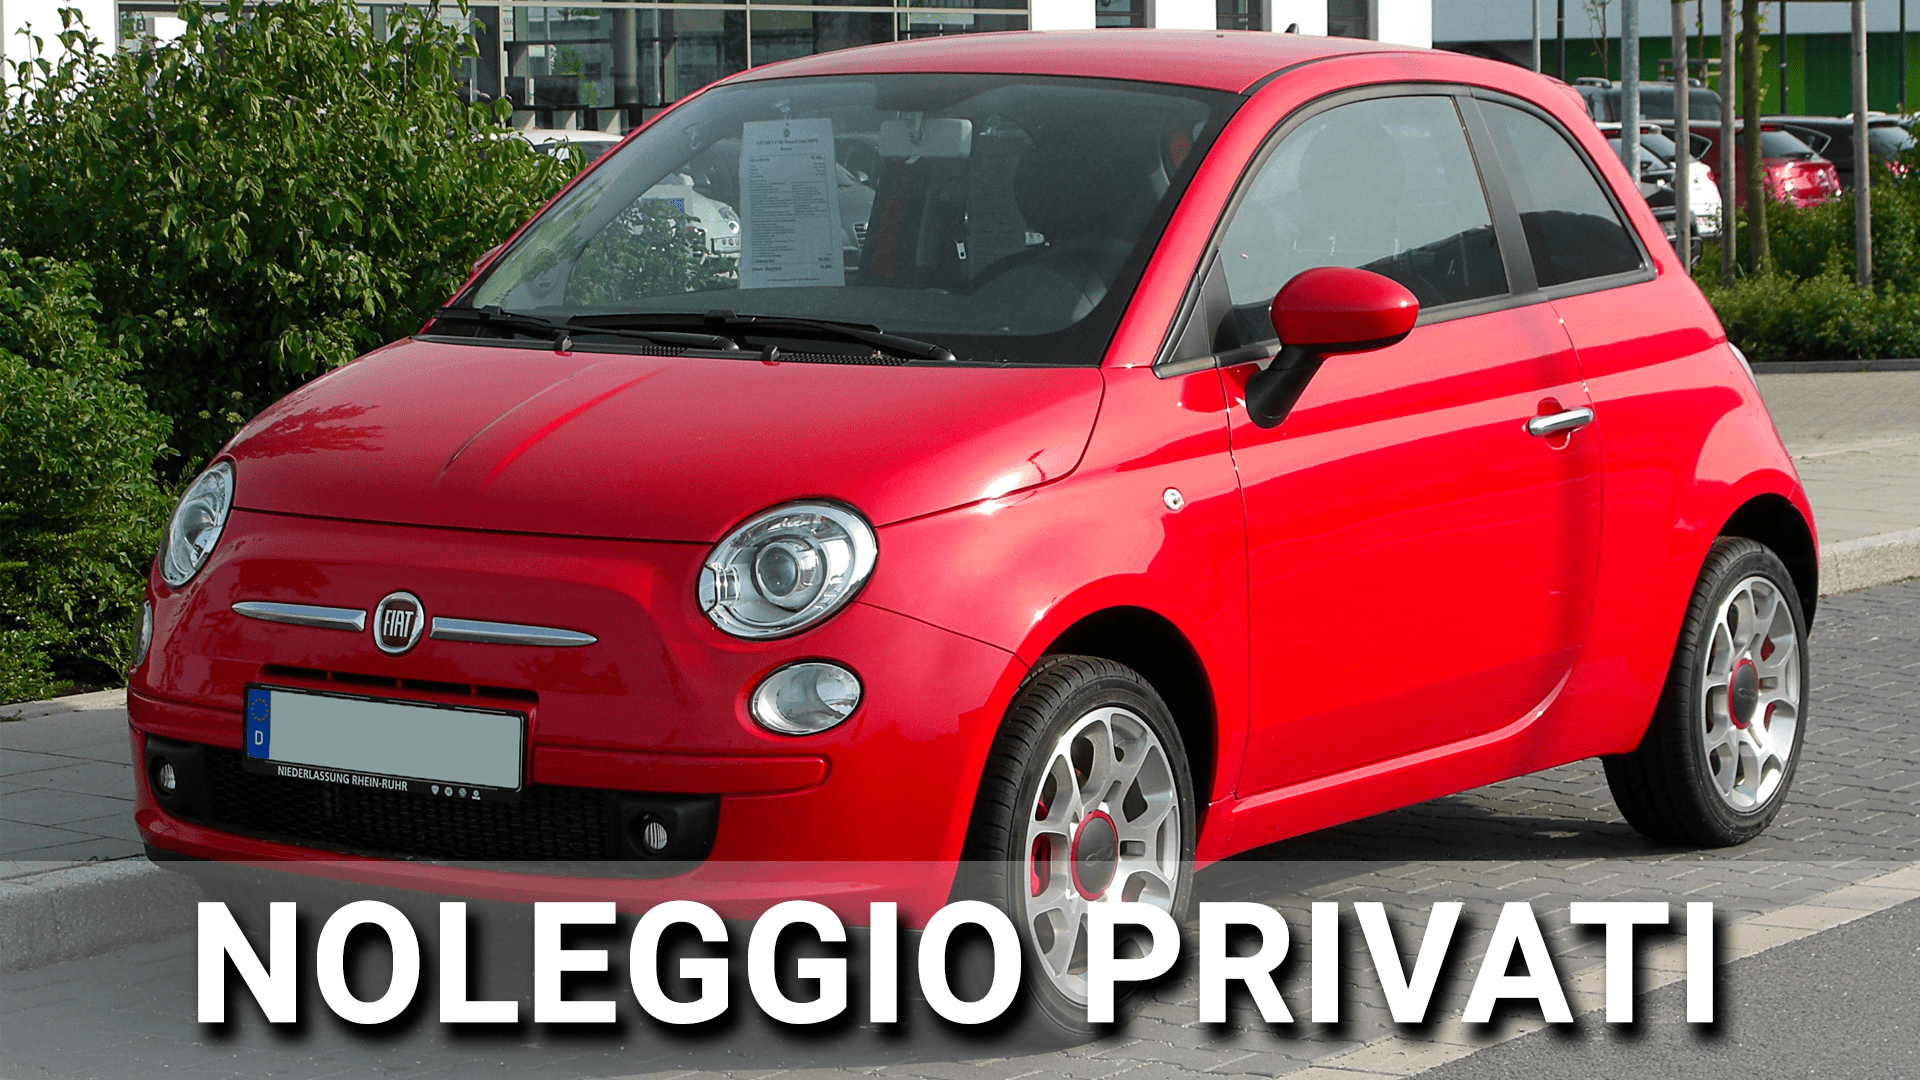 bizioli_noleggio_privati-min